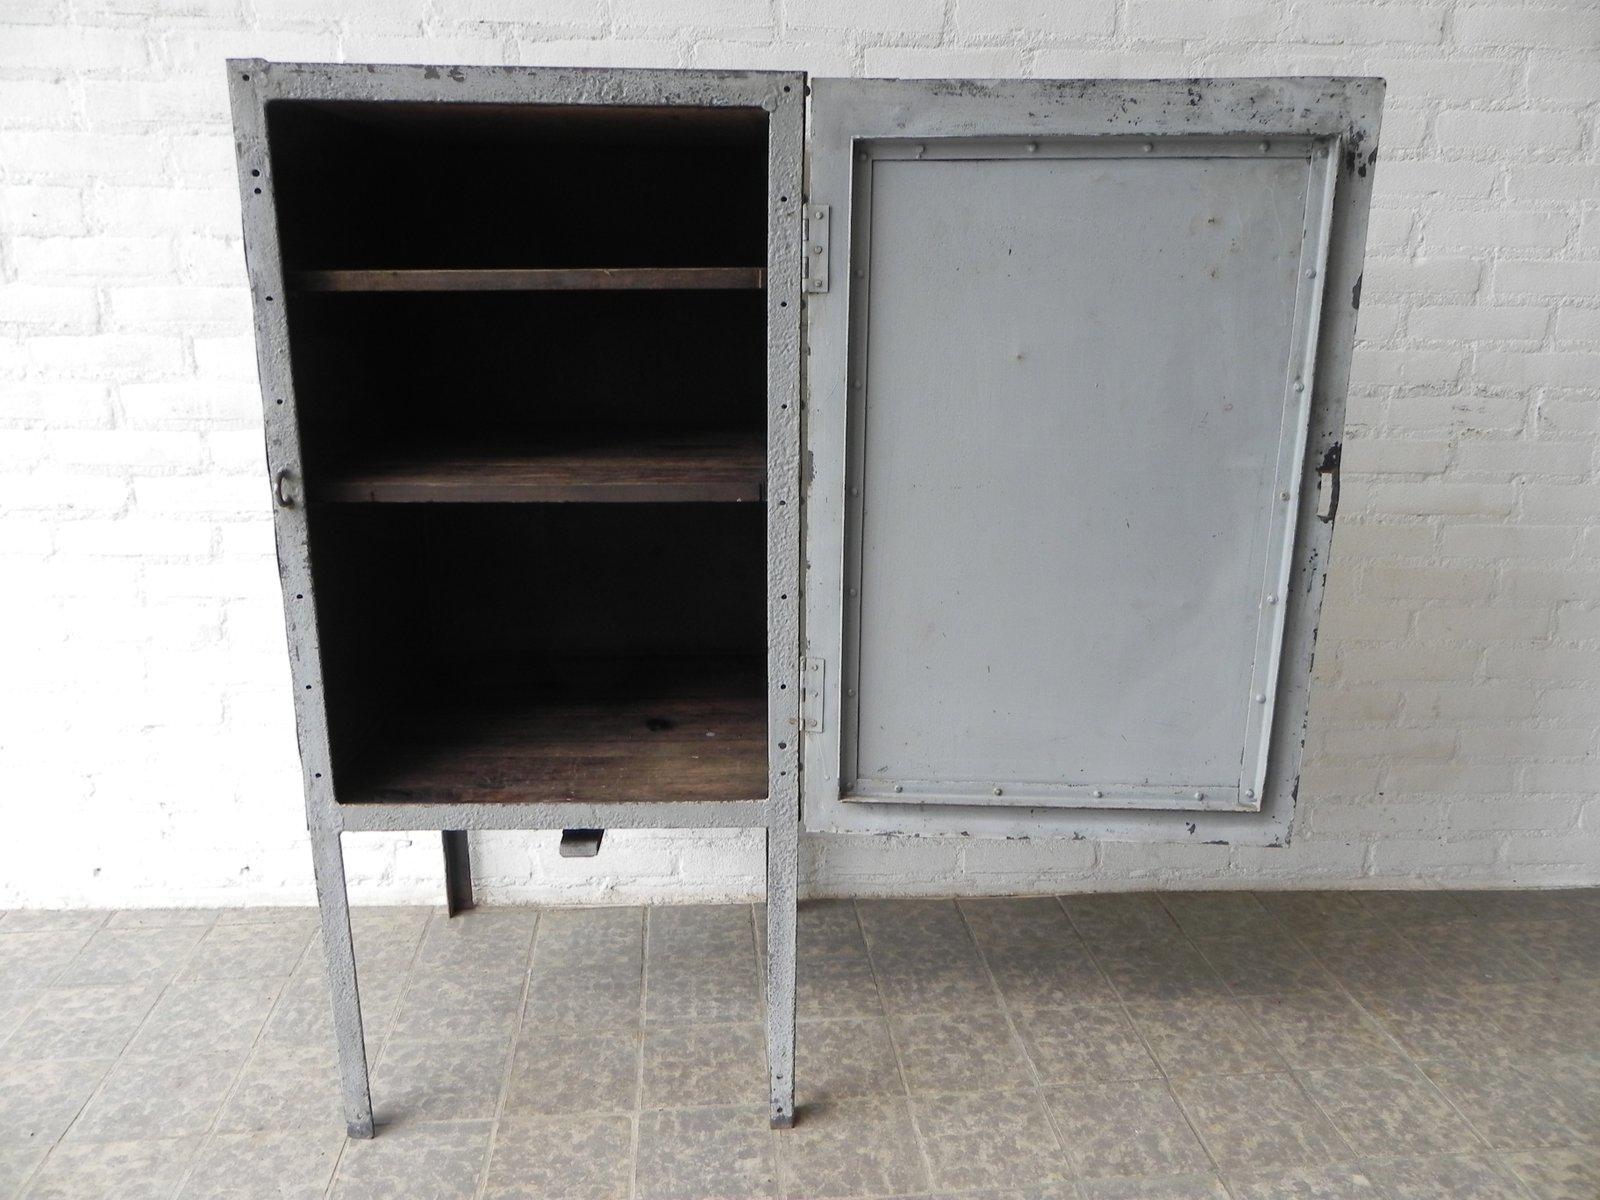 meuble industriel en acier sur pieds avec portes 1960s en vente sur pamono. Black Bedroom Furniture Sets. Home Design Ideas